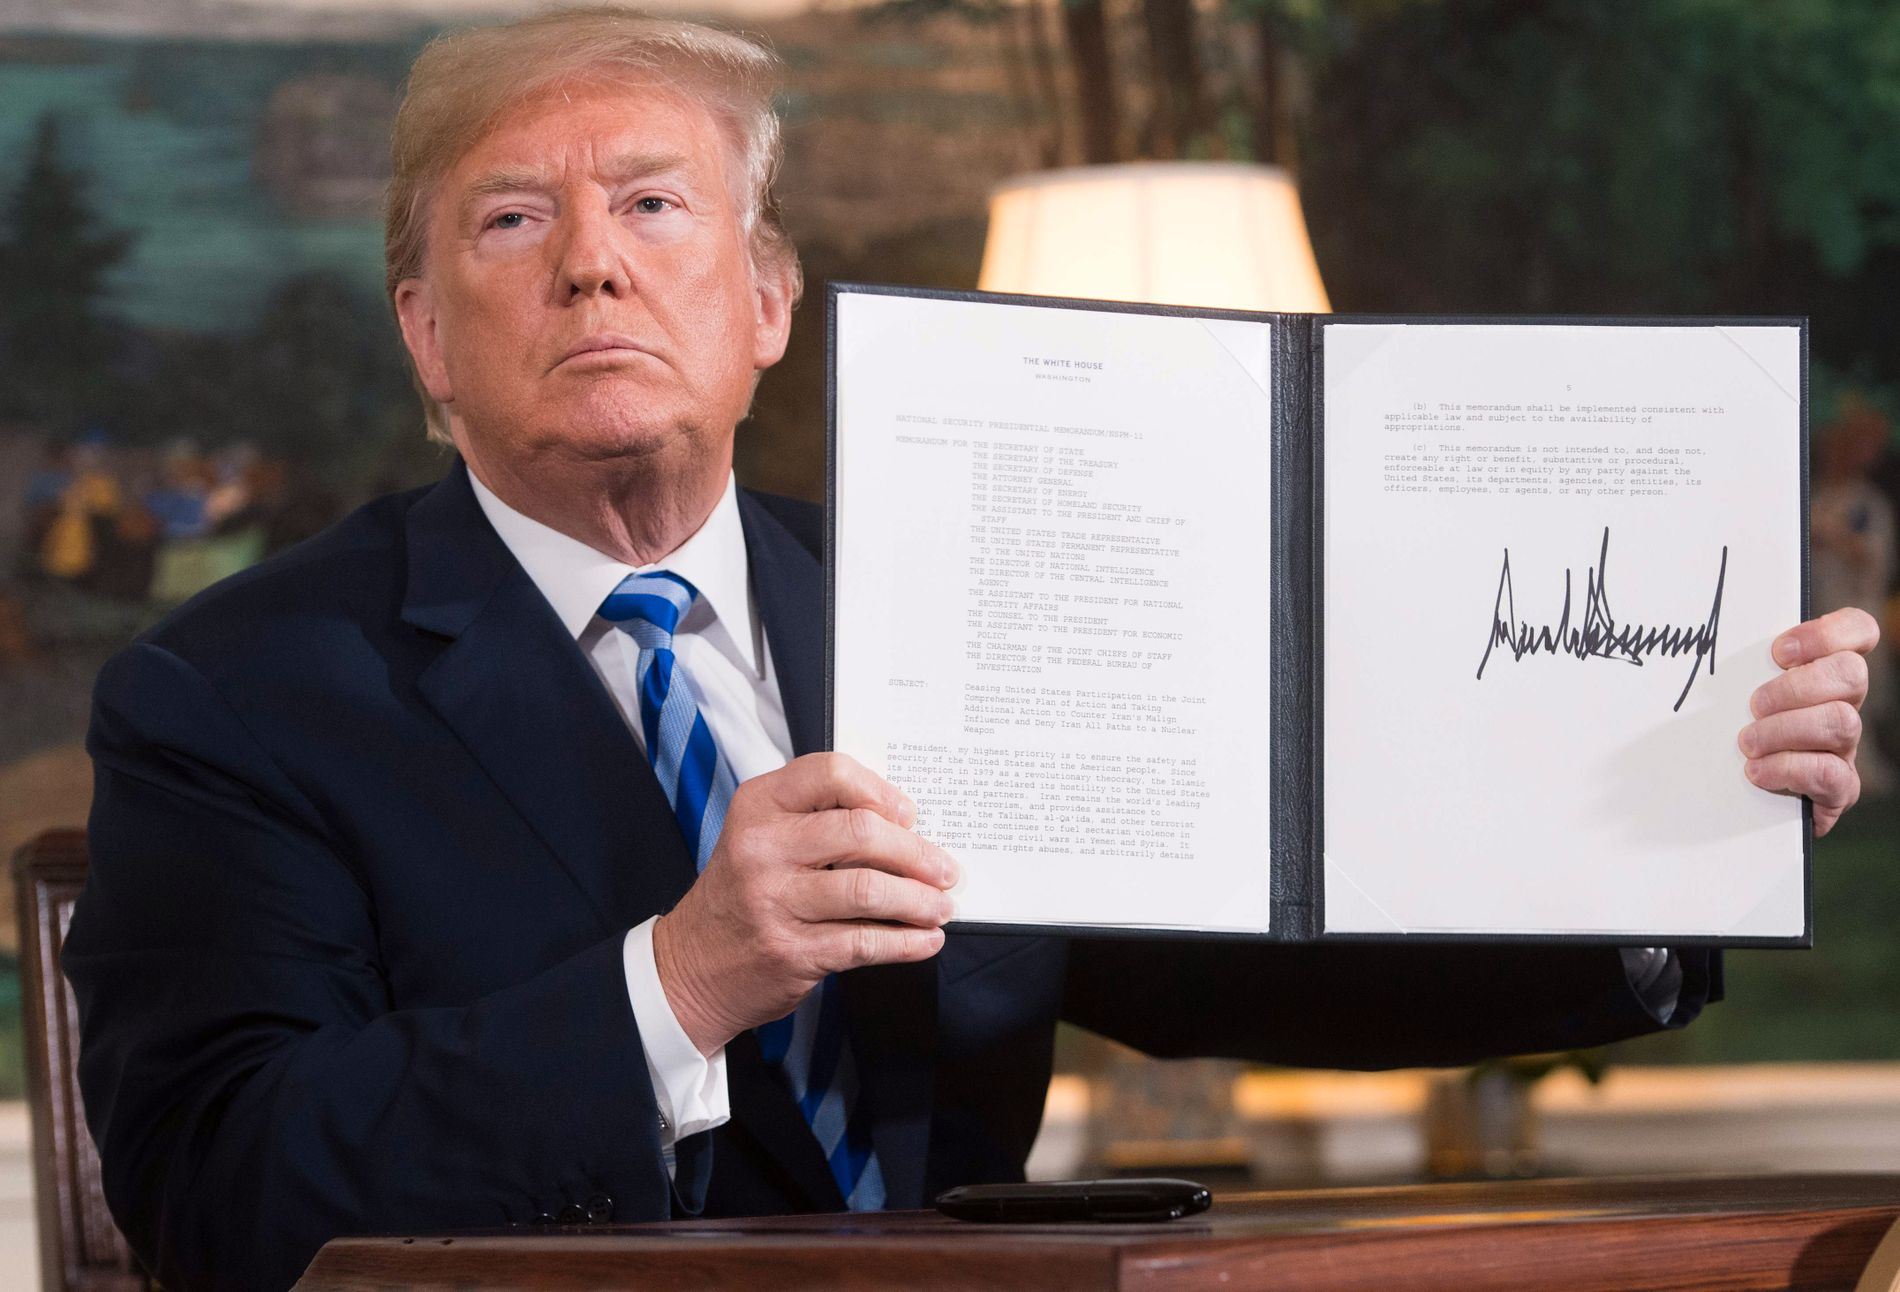 SANKSJONER: Etter at USA trakk seg fra atomavtalen, gjeninnførte Trump sanksjoner mot Iran.